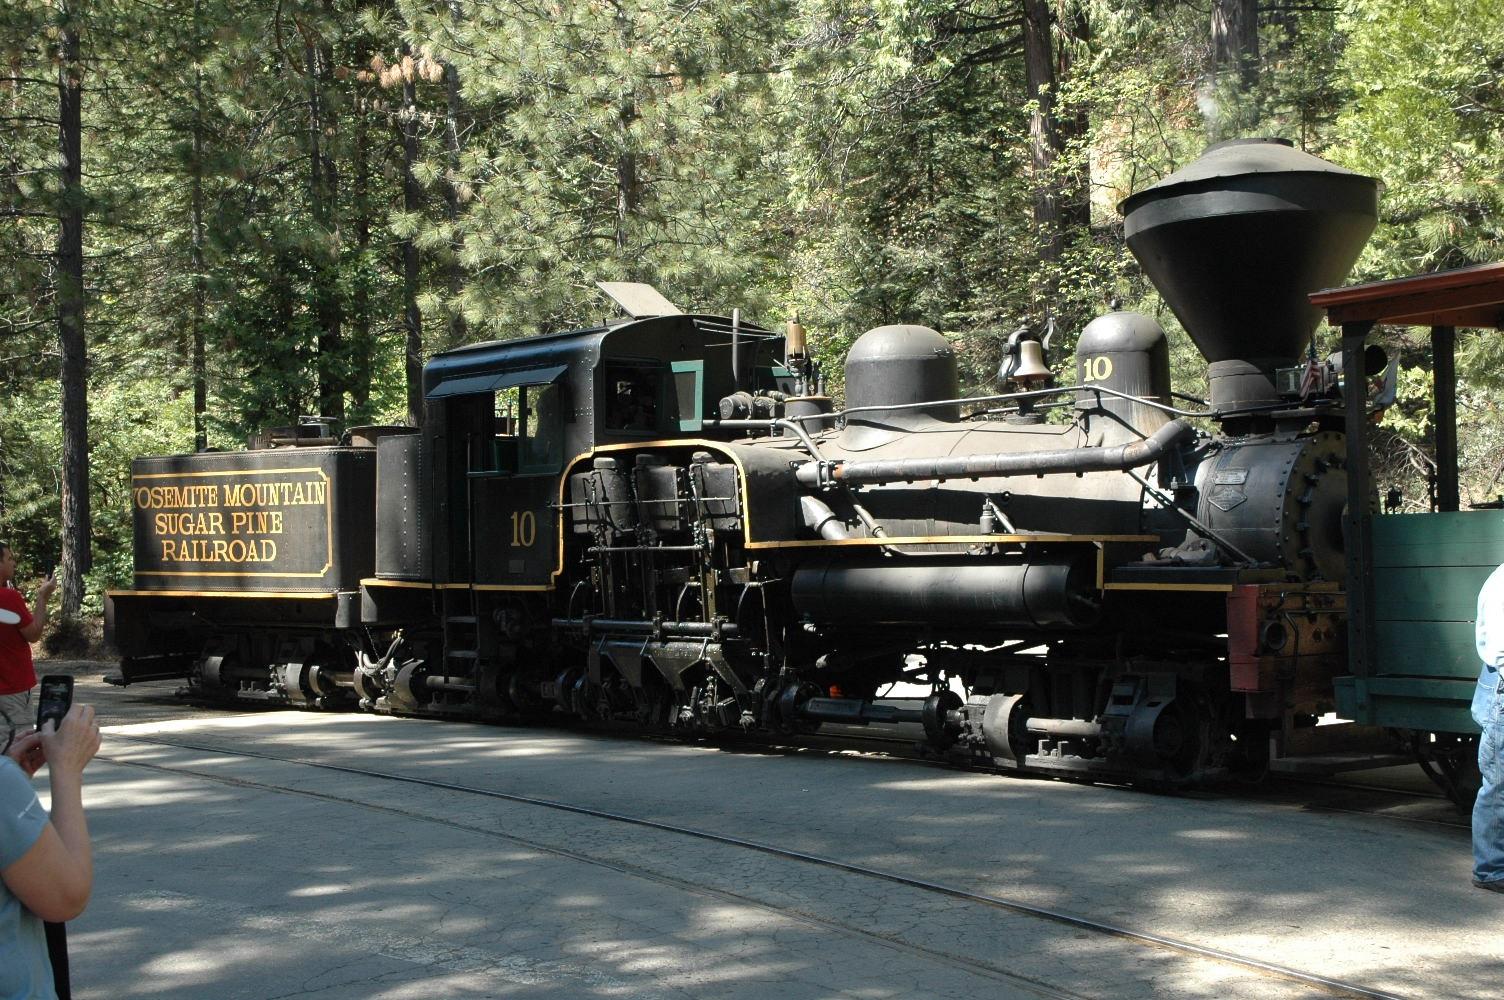 Yosemite 2011 Sugar Pine Railroad Train (C)